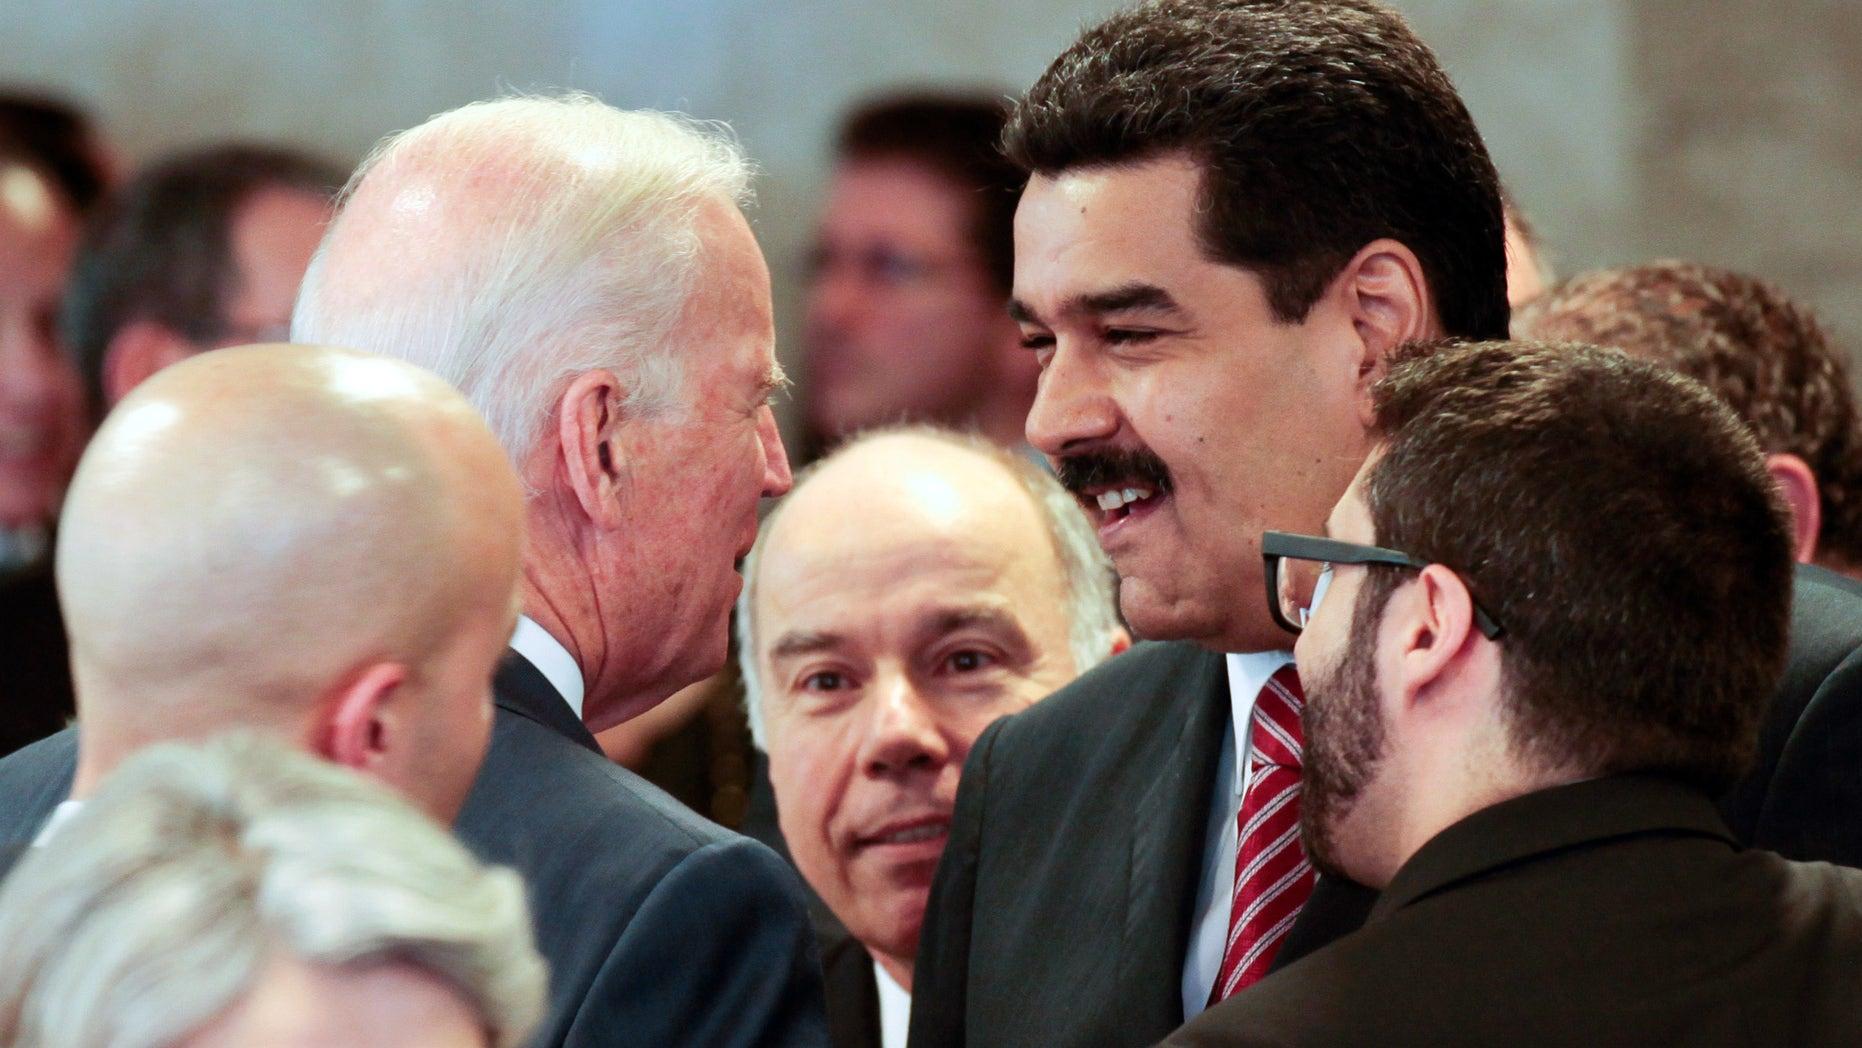 En esta fotografía proporcionada por la oficina de prensa de la presidencia venezolana, el presidente de Venezuela Nicolás Maduro, derecha, habla con el vicepresidente estadounidense Joe Biden en el marco de la ceremonia de juramentación de la reelecta presidenta brasileña Dilma Rousseff, el jueves 1 de enero de 2015, en Brasilia, Brasil. (Foto AP/Miguel Angulo, Oficina Presidencial Miraflores)